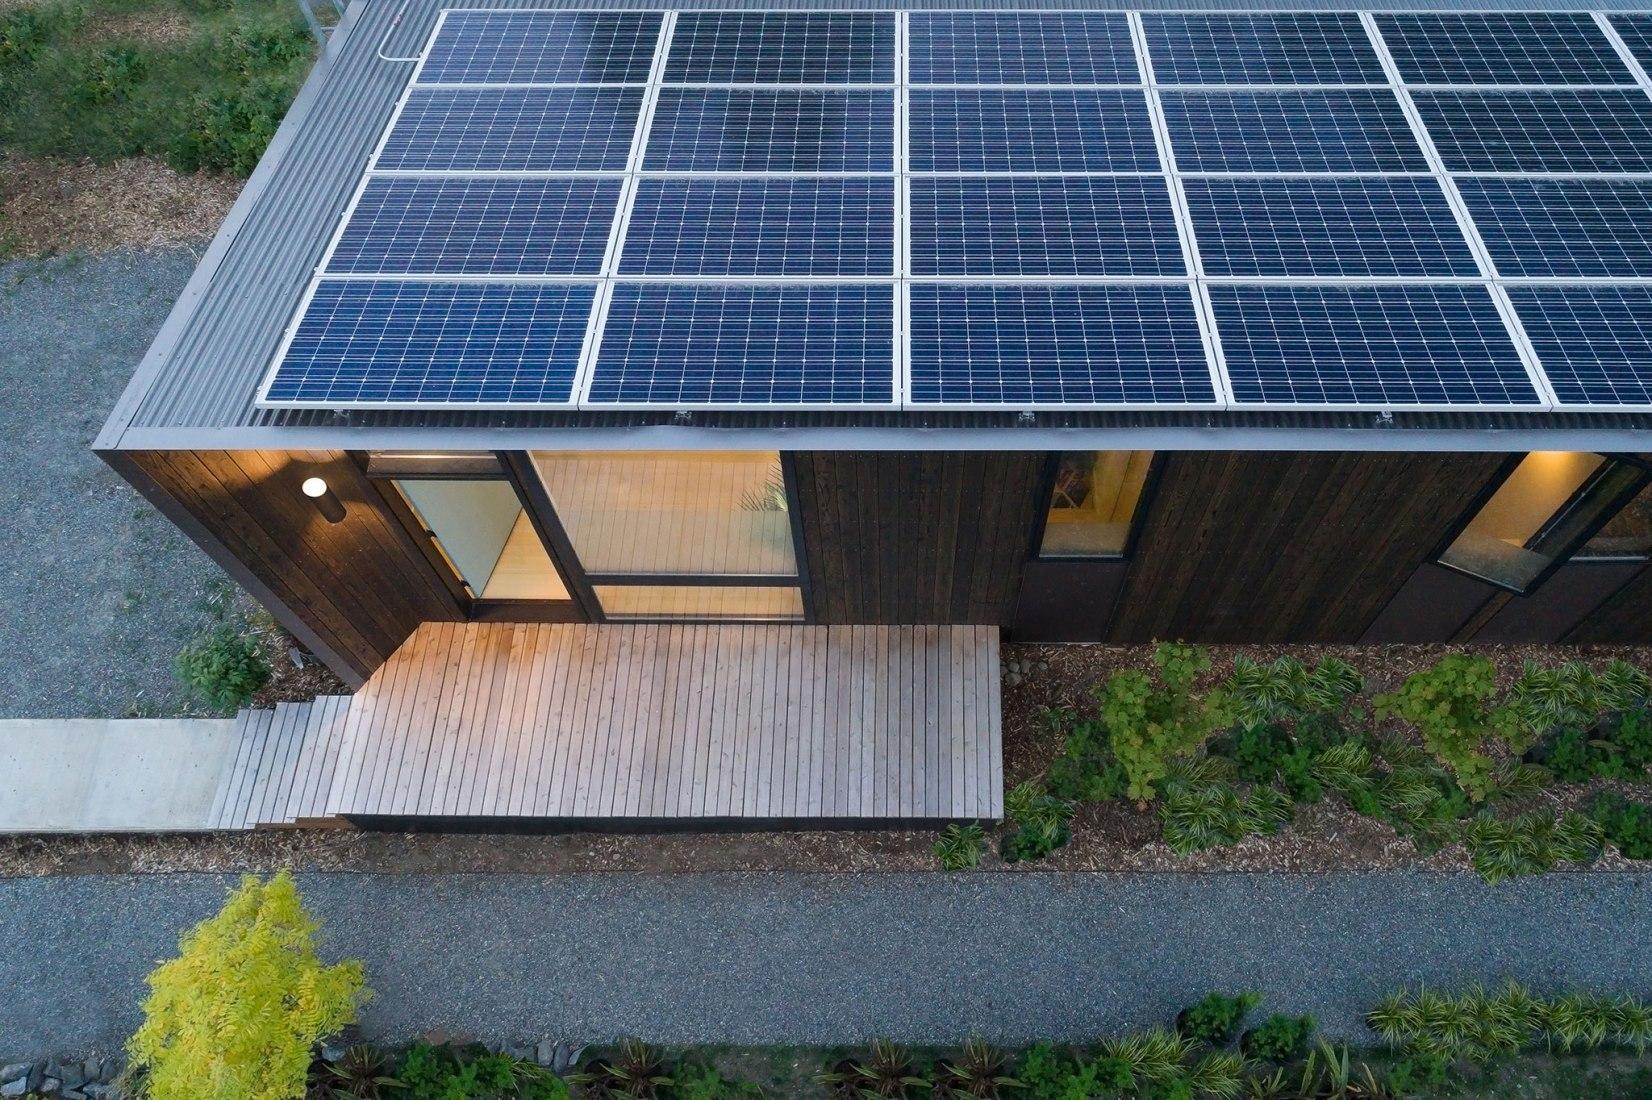 Stone Solar Studio por Wittman Estes Architecture + Landscape y NODE. Fotografía de Andrew Pogue.